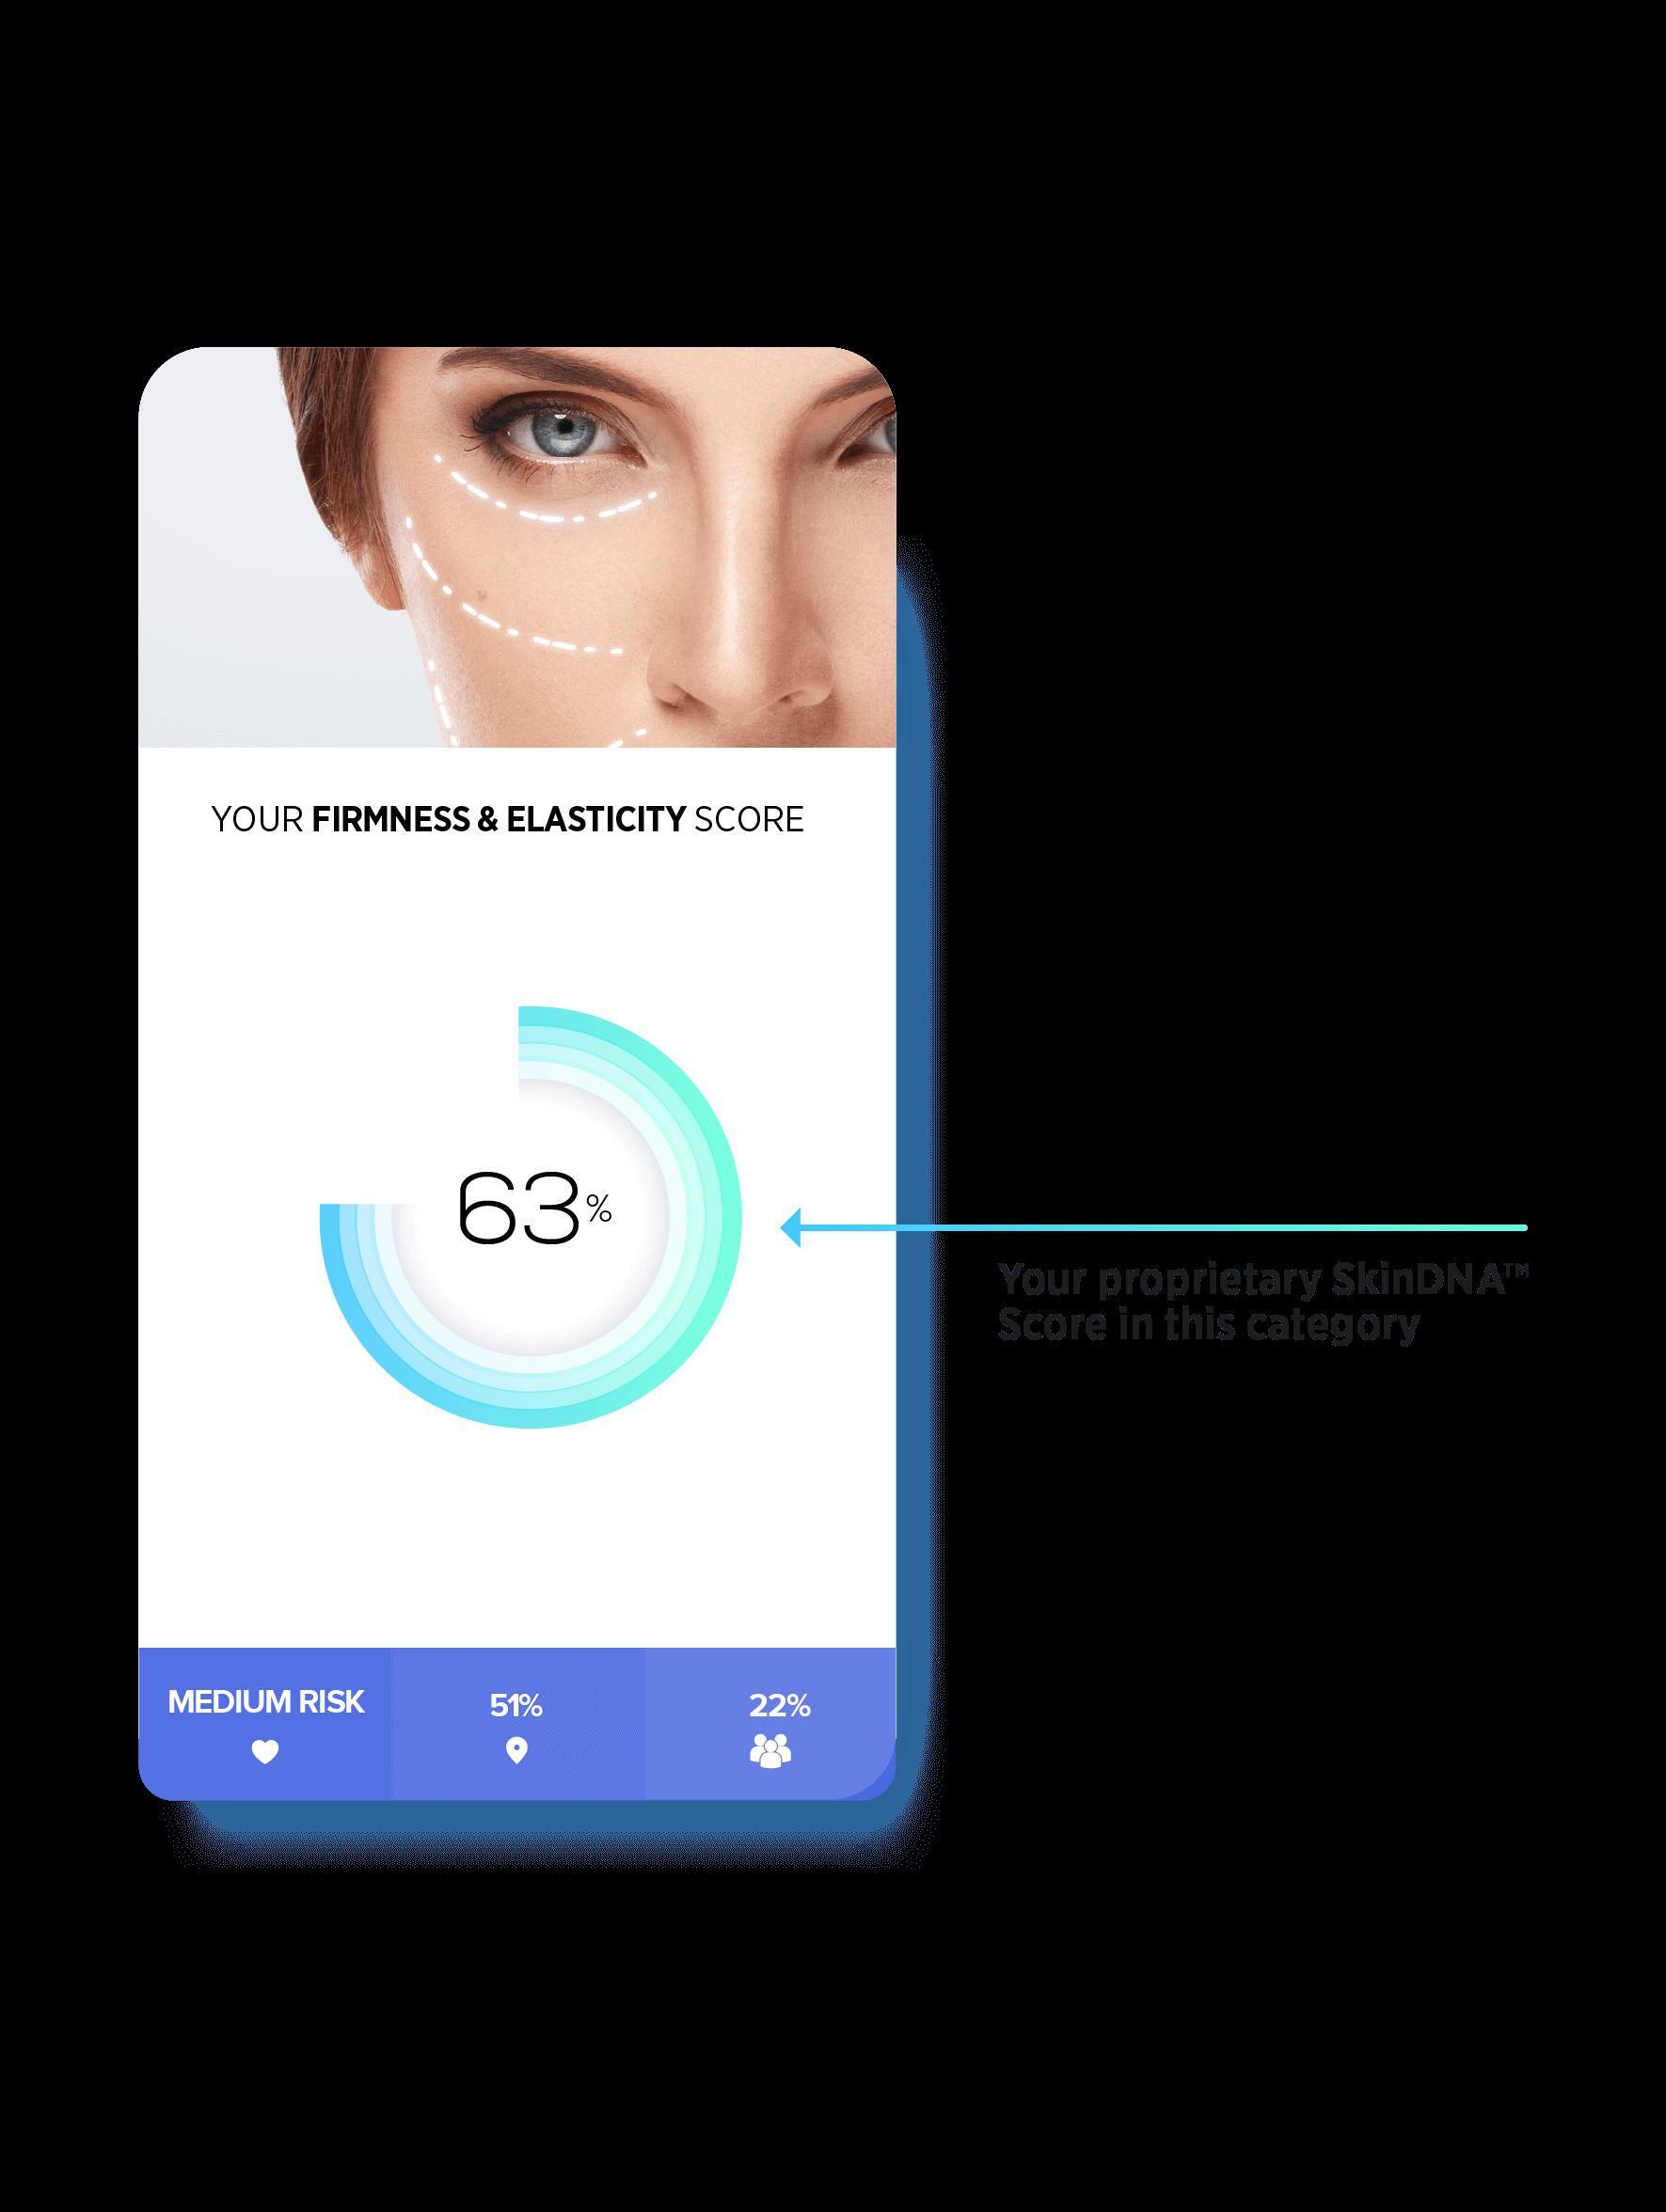 SkinDNA Proprietary score